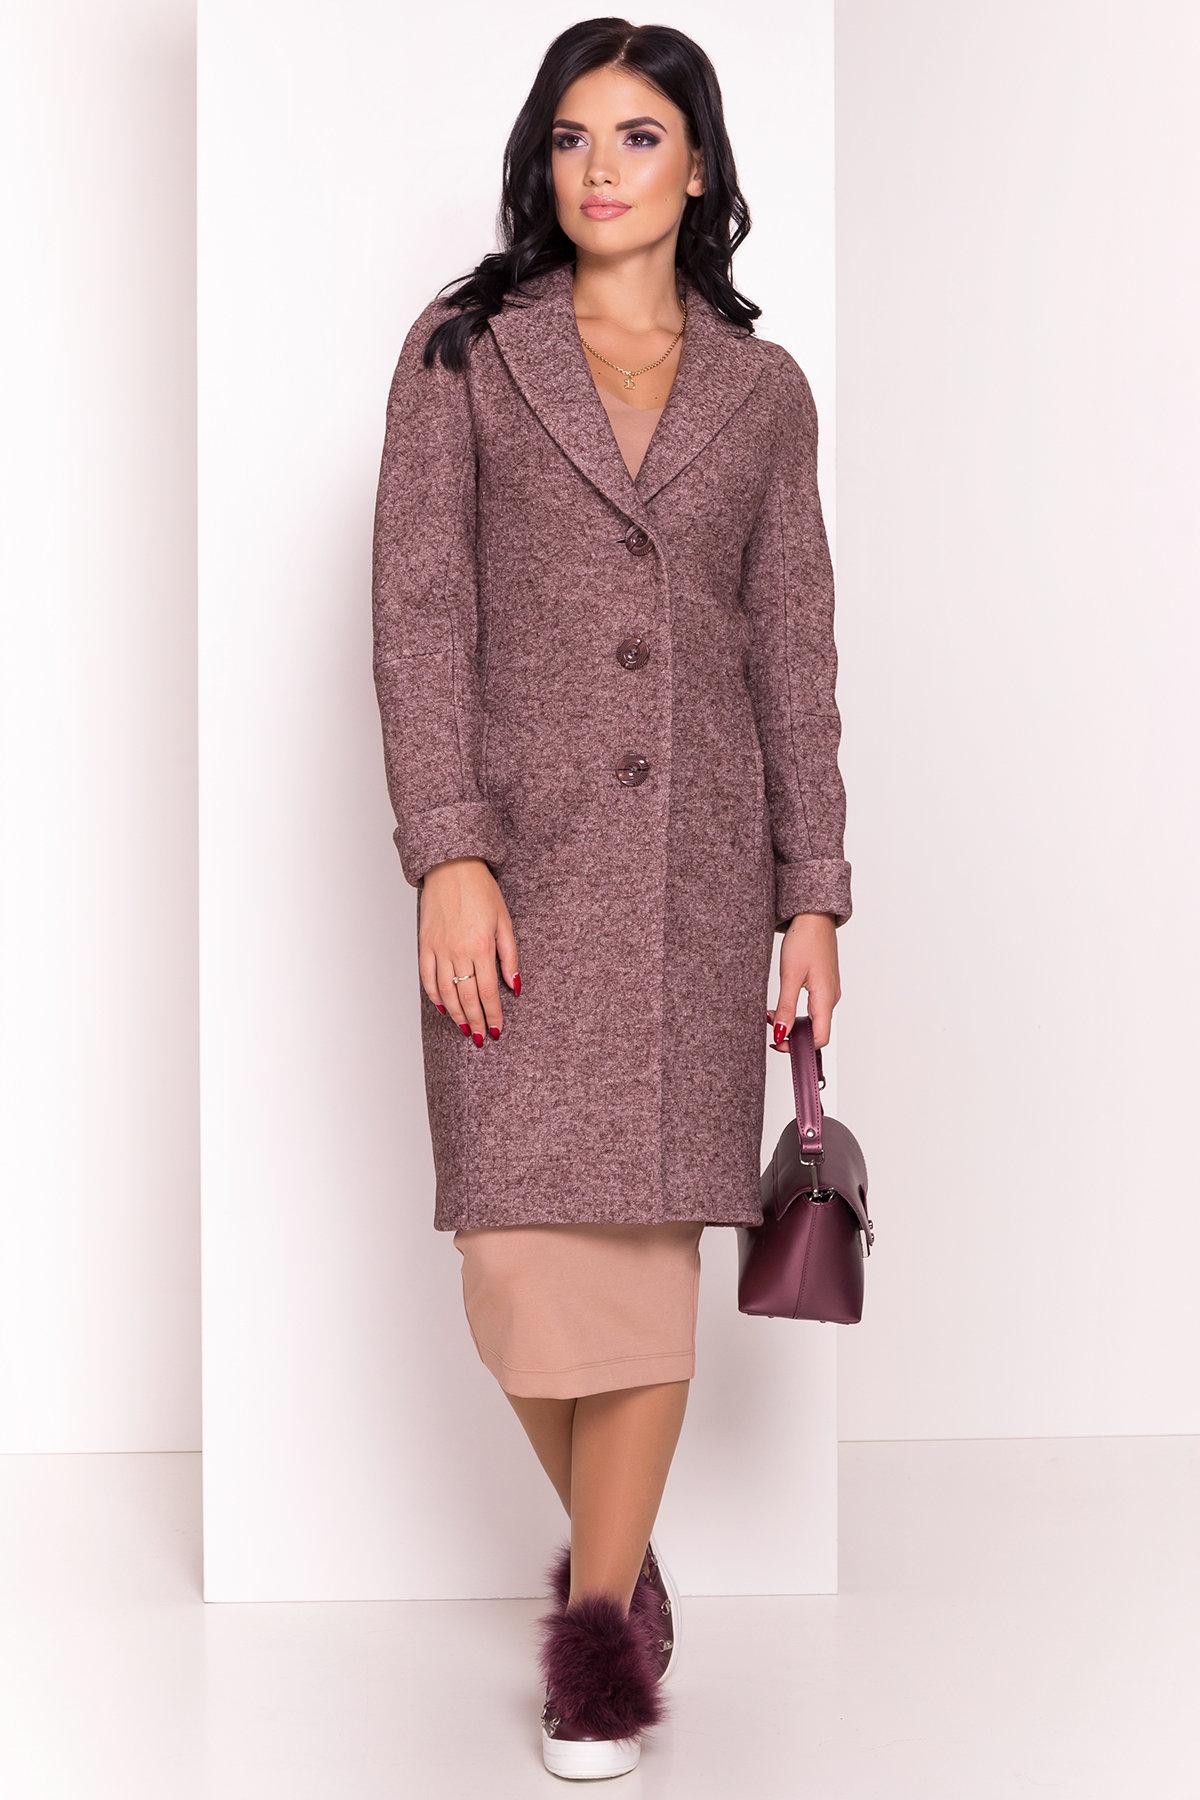 Демисезонное пальто из варенной шерсти с поясом Глорис 4428 Цвет: Кофе LW-4